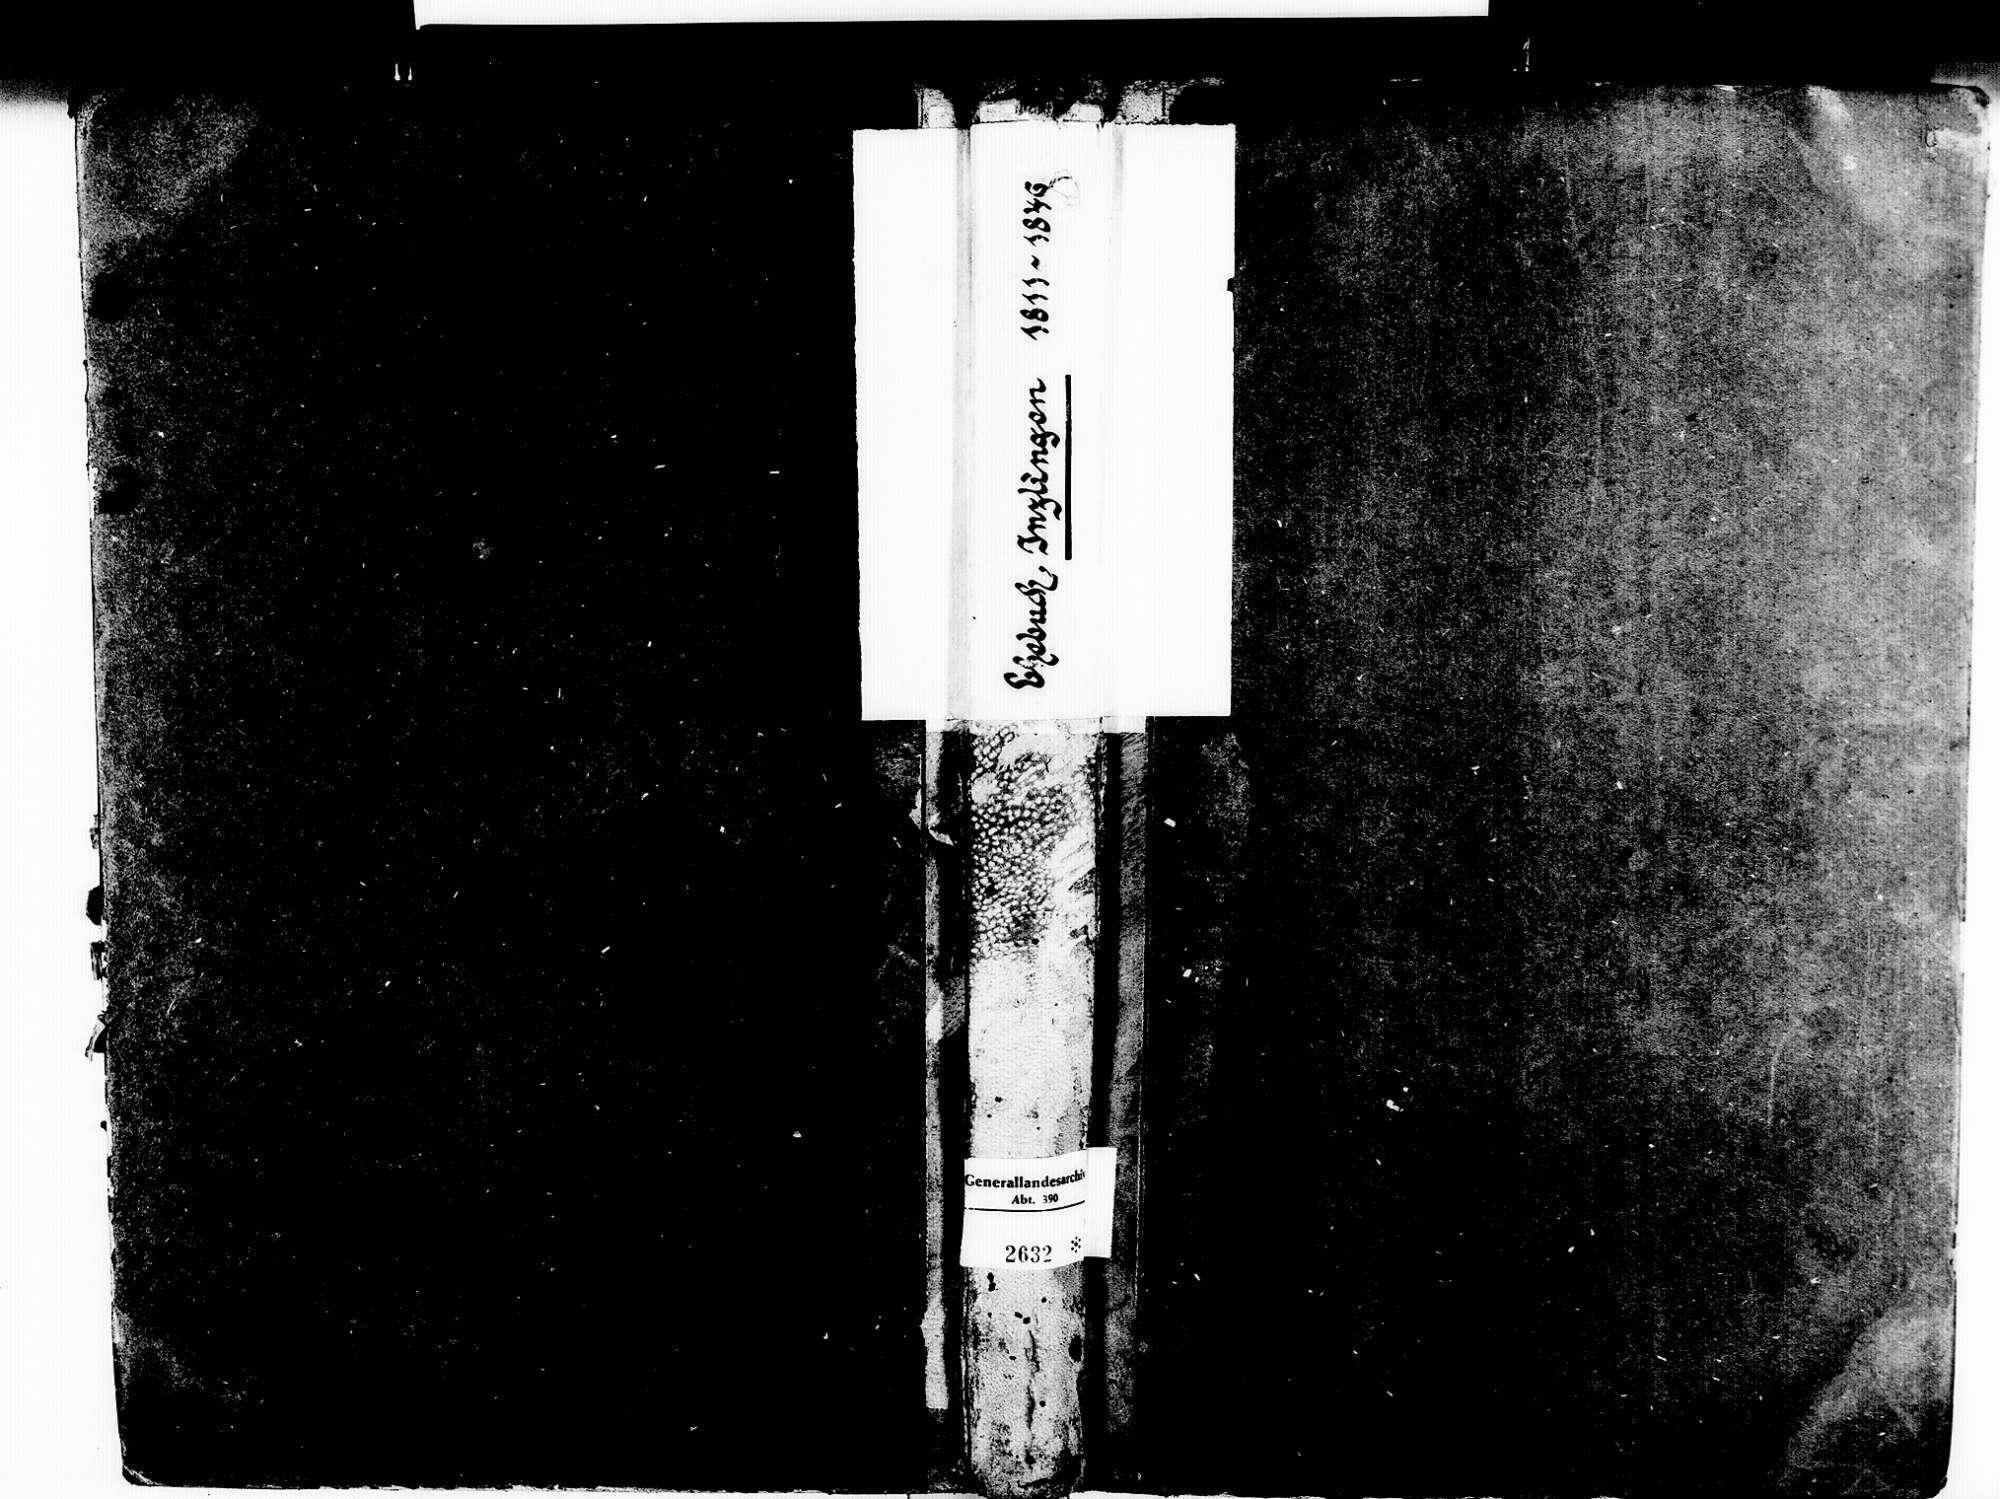 Inzlingen LÖ; Katholische Gemeinde: Heiratsbuch 1811-1846 Inzlingen LÖ; Katholische Gemeinde: Sterbebuch 1843, Bild 1